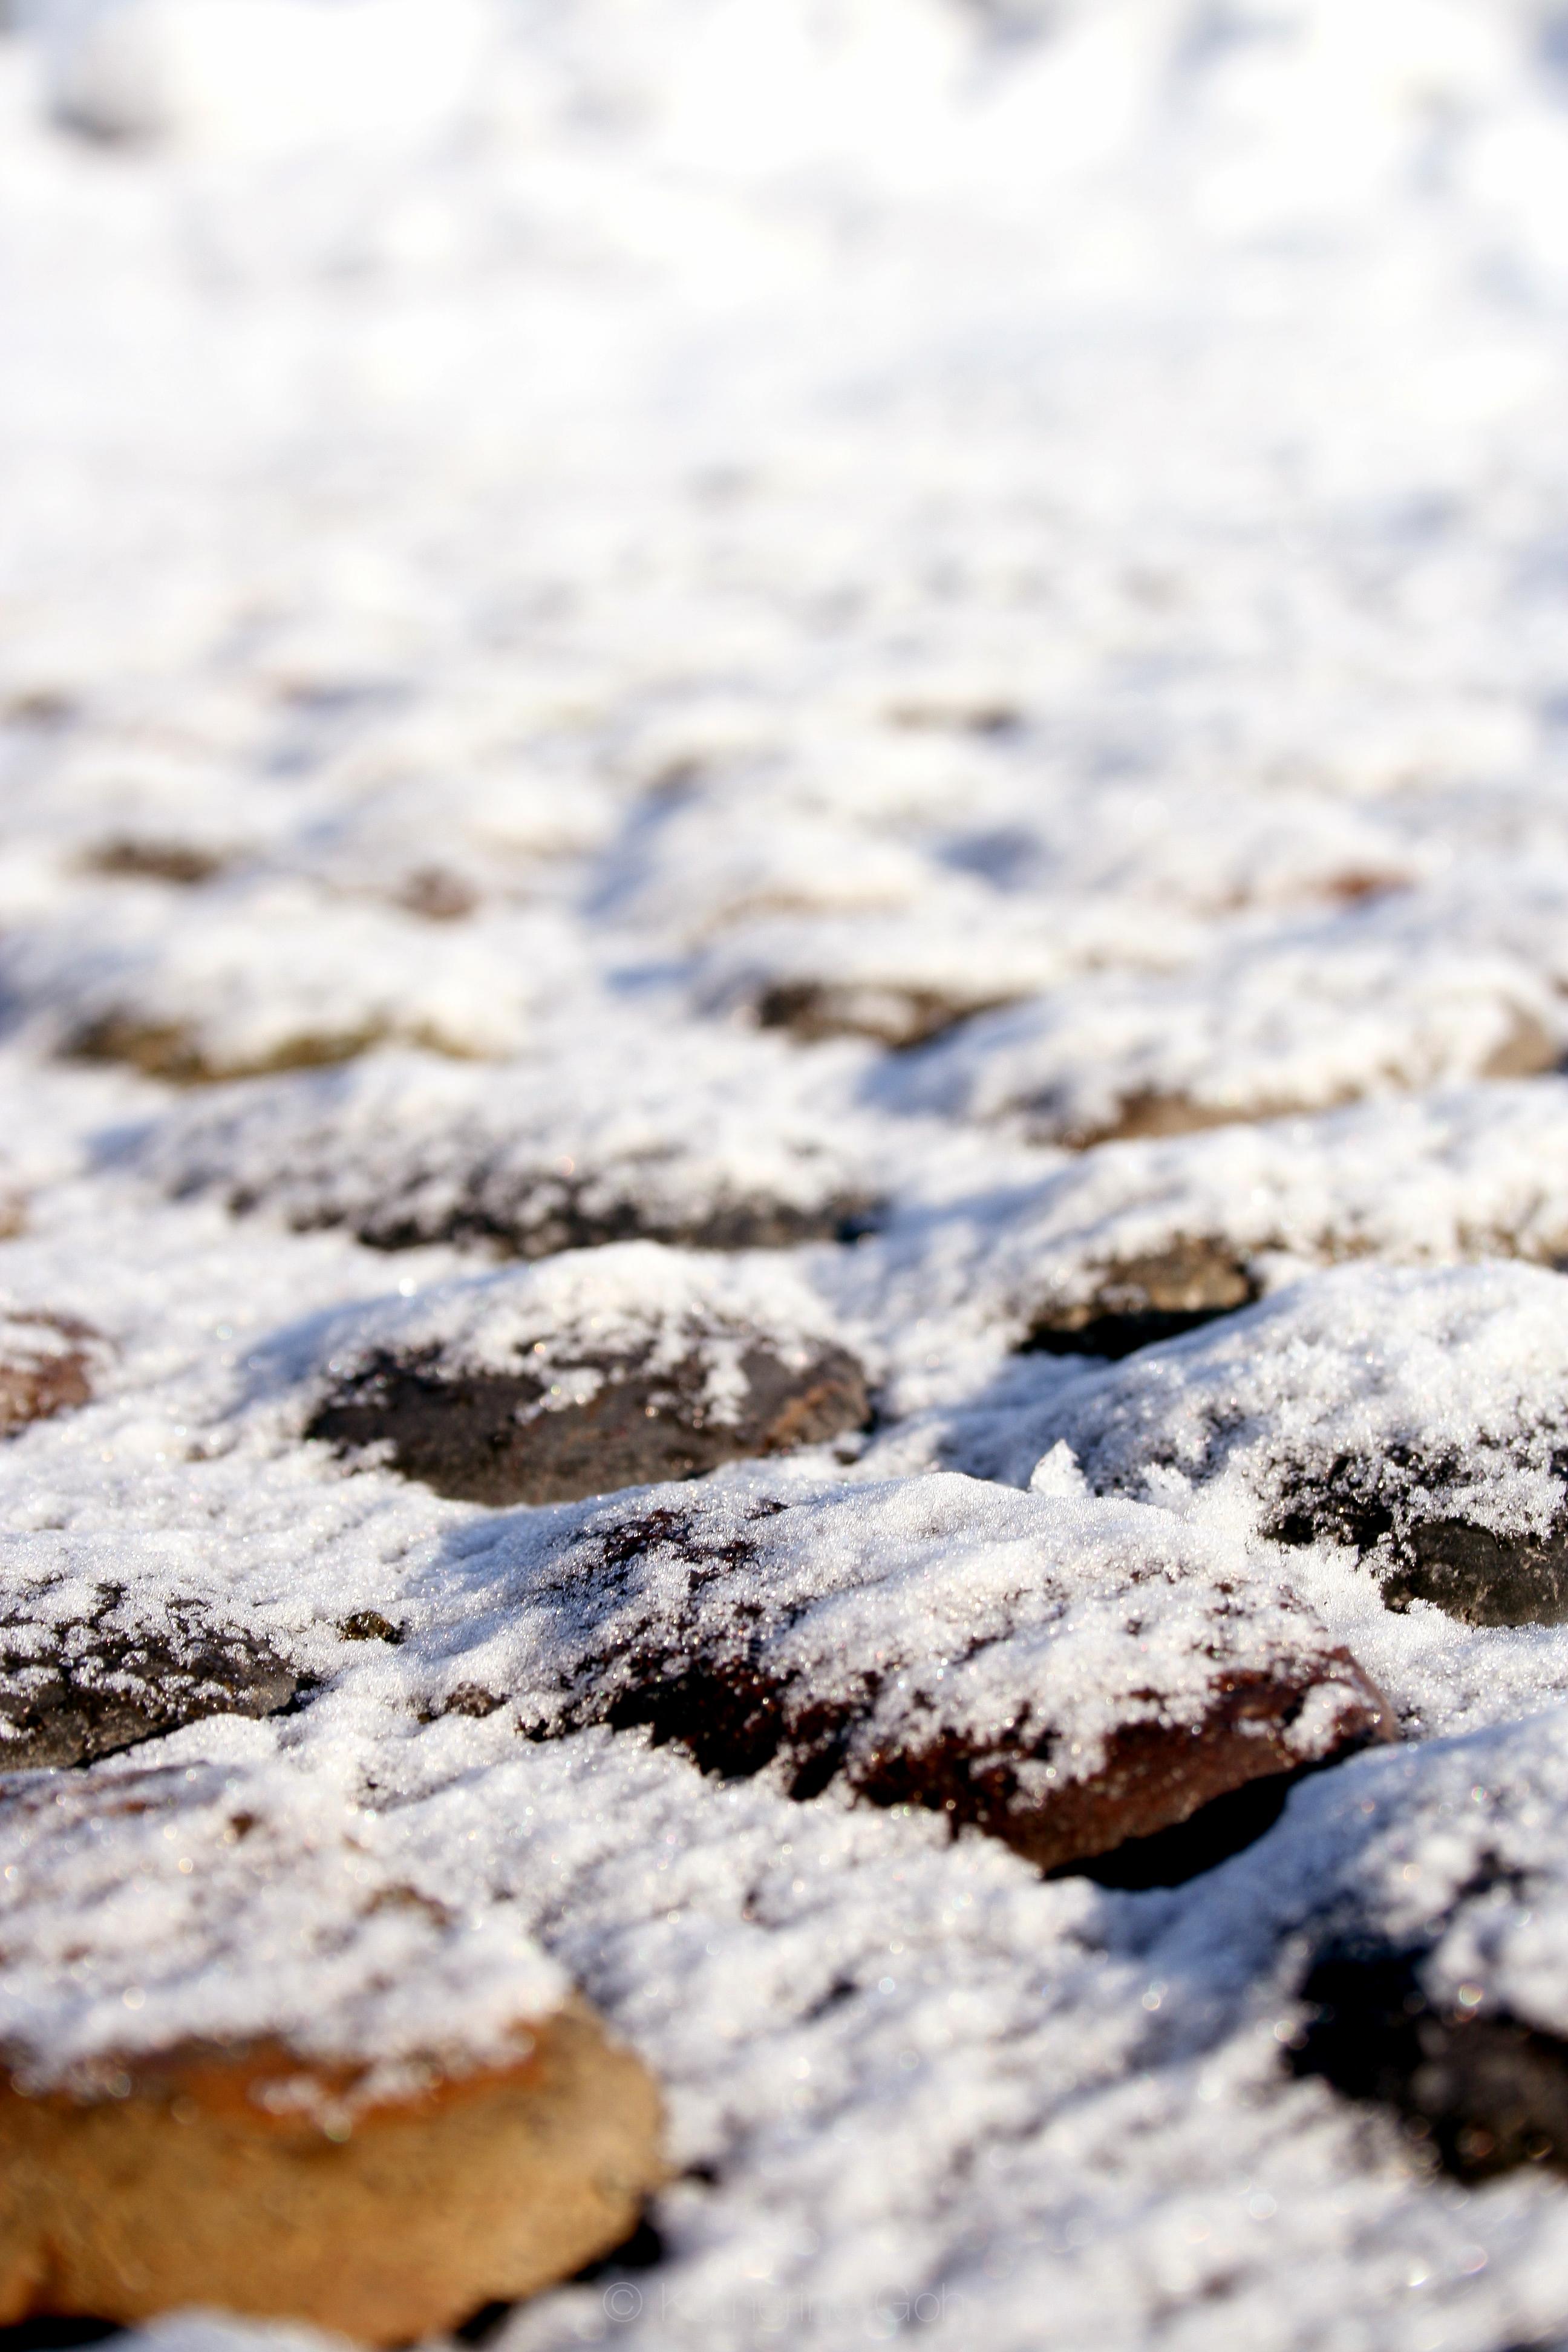 Snowed Pebbles